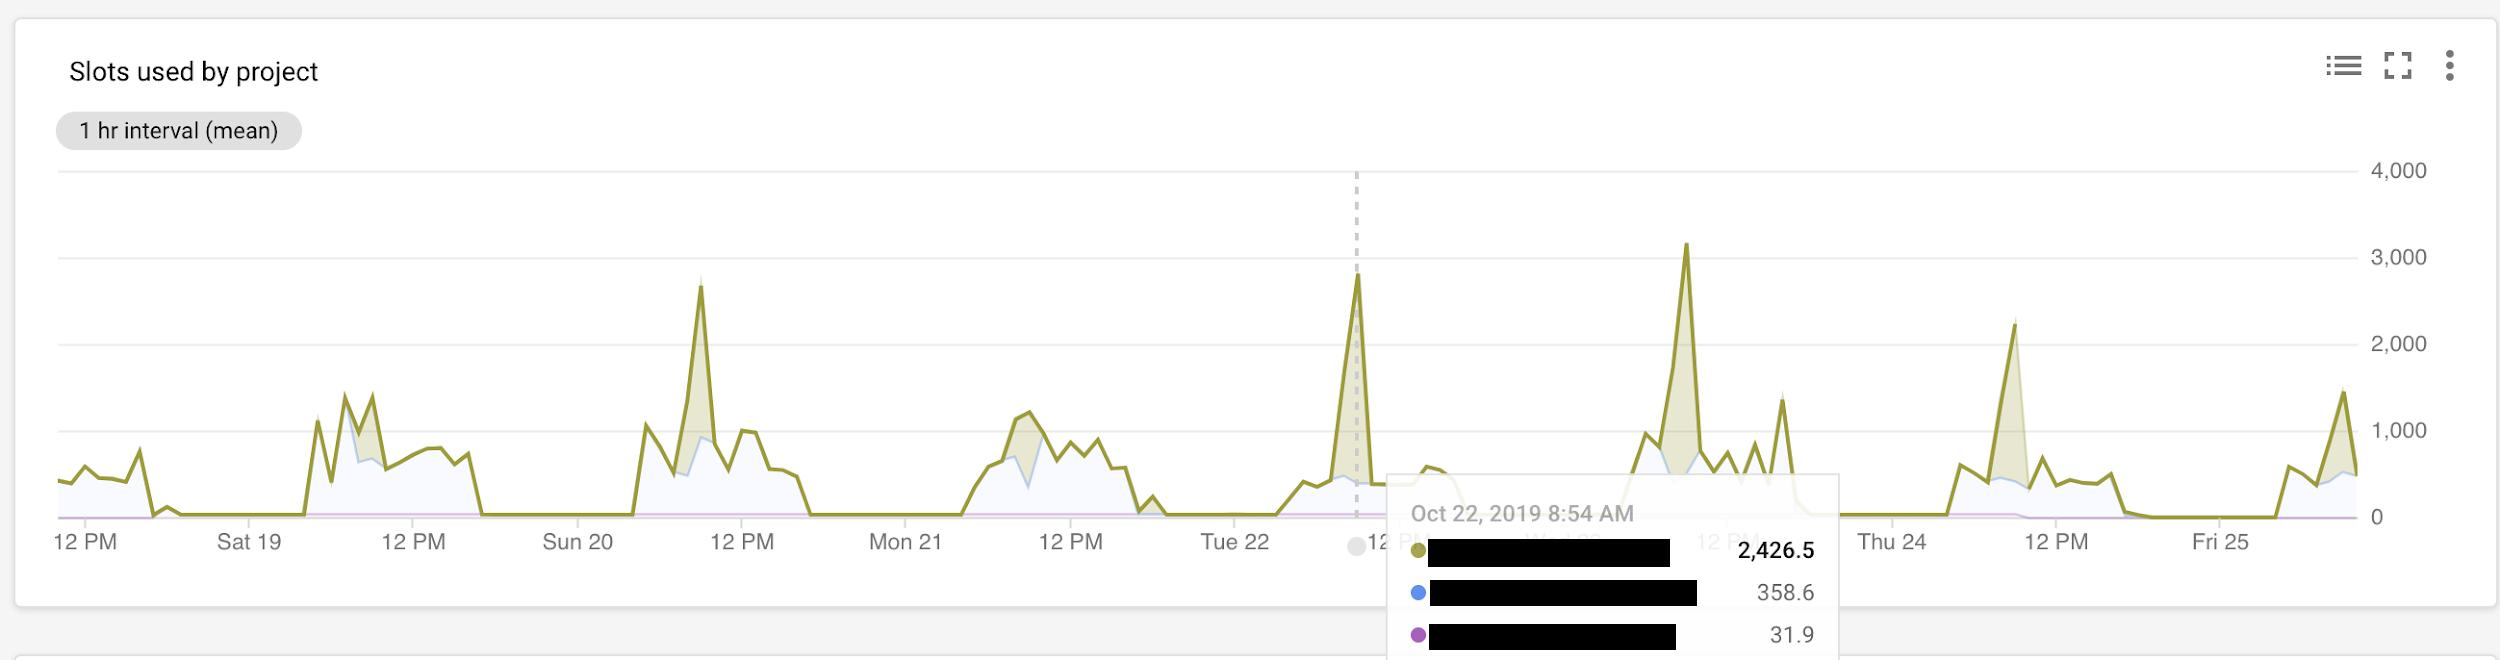 Slot usage timeline.